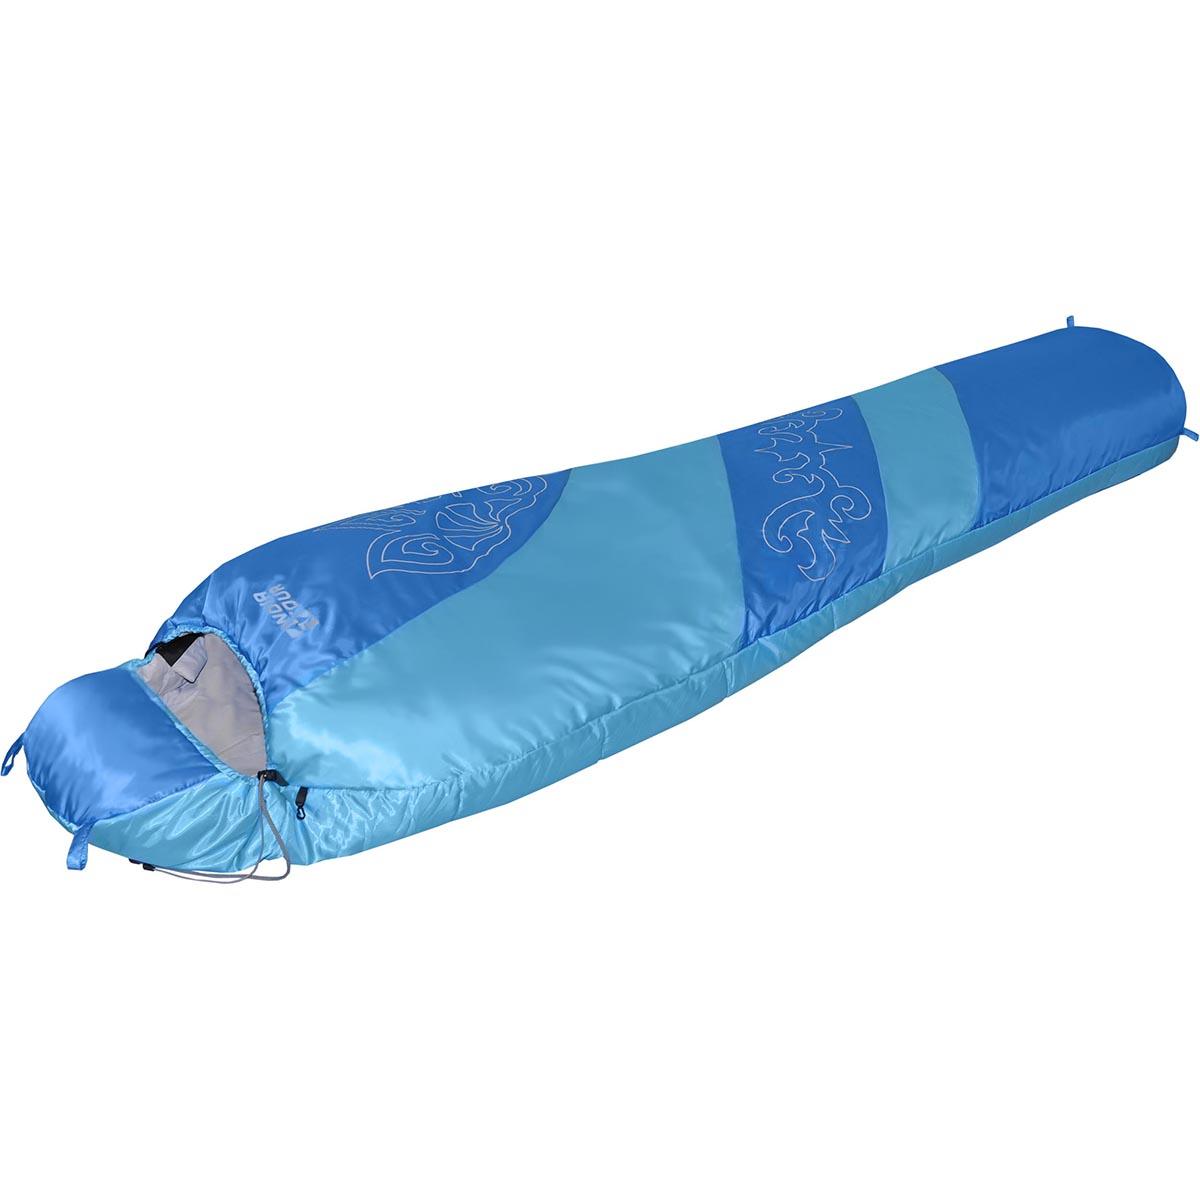 Мешок NOVA TOUR Сахалин 0 V2, цвет: голубой, синий, белый, левосторонняя молния кальсоны fisherman nova tour бэйс v2 95359 924